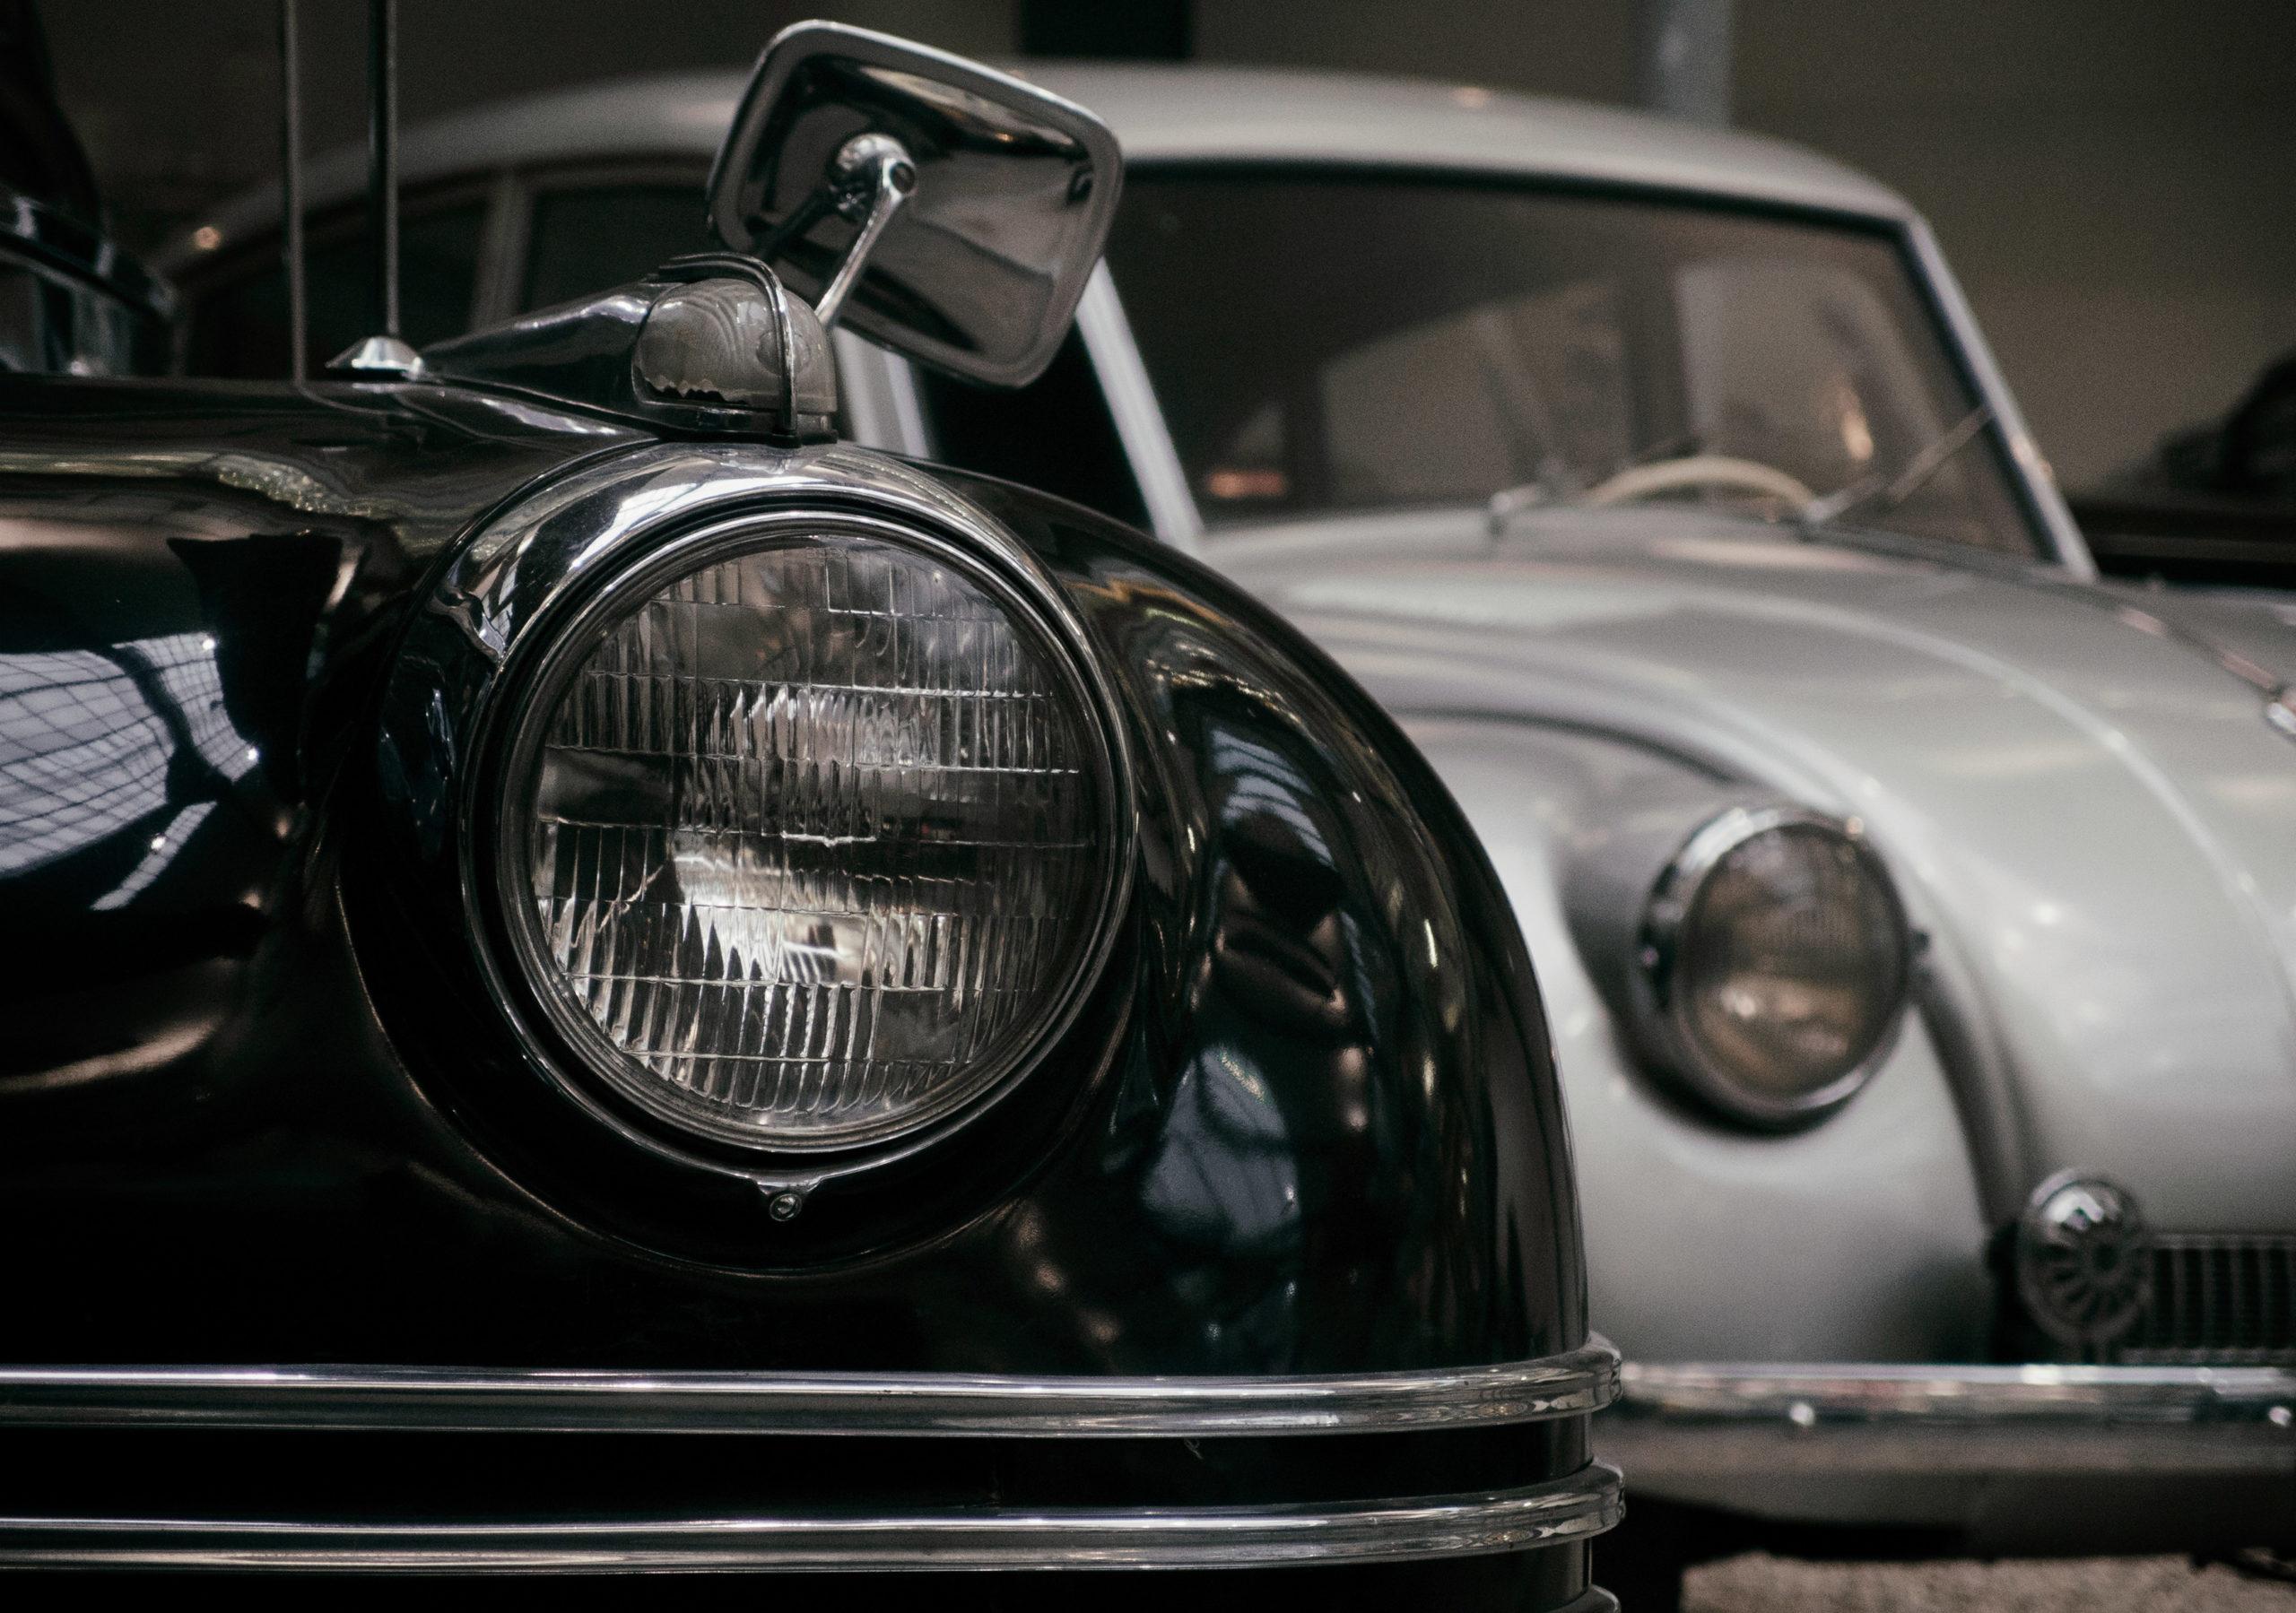 dois carros de frente, um preto e um cinza, foto focando nos faróis dos carros imagem ilustrativa seguro automotiva